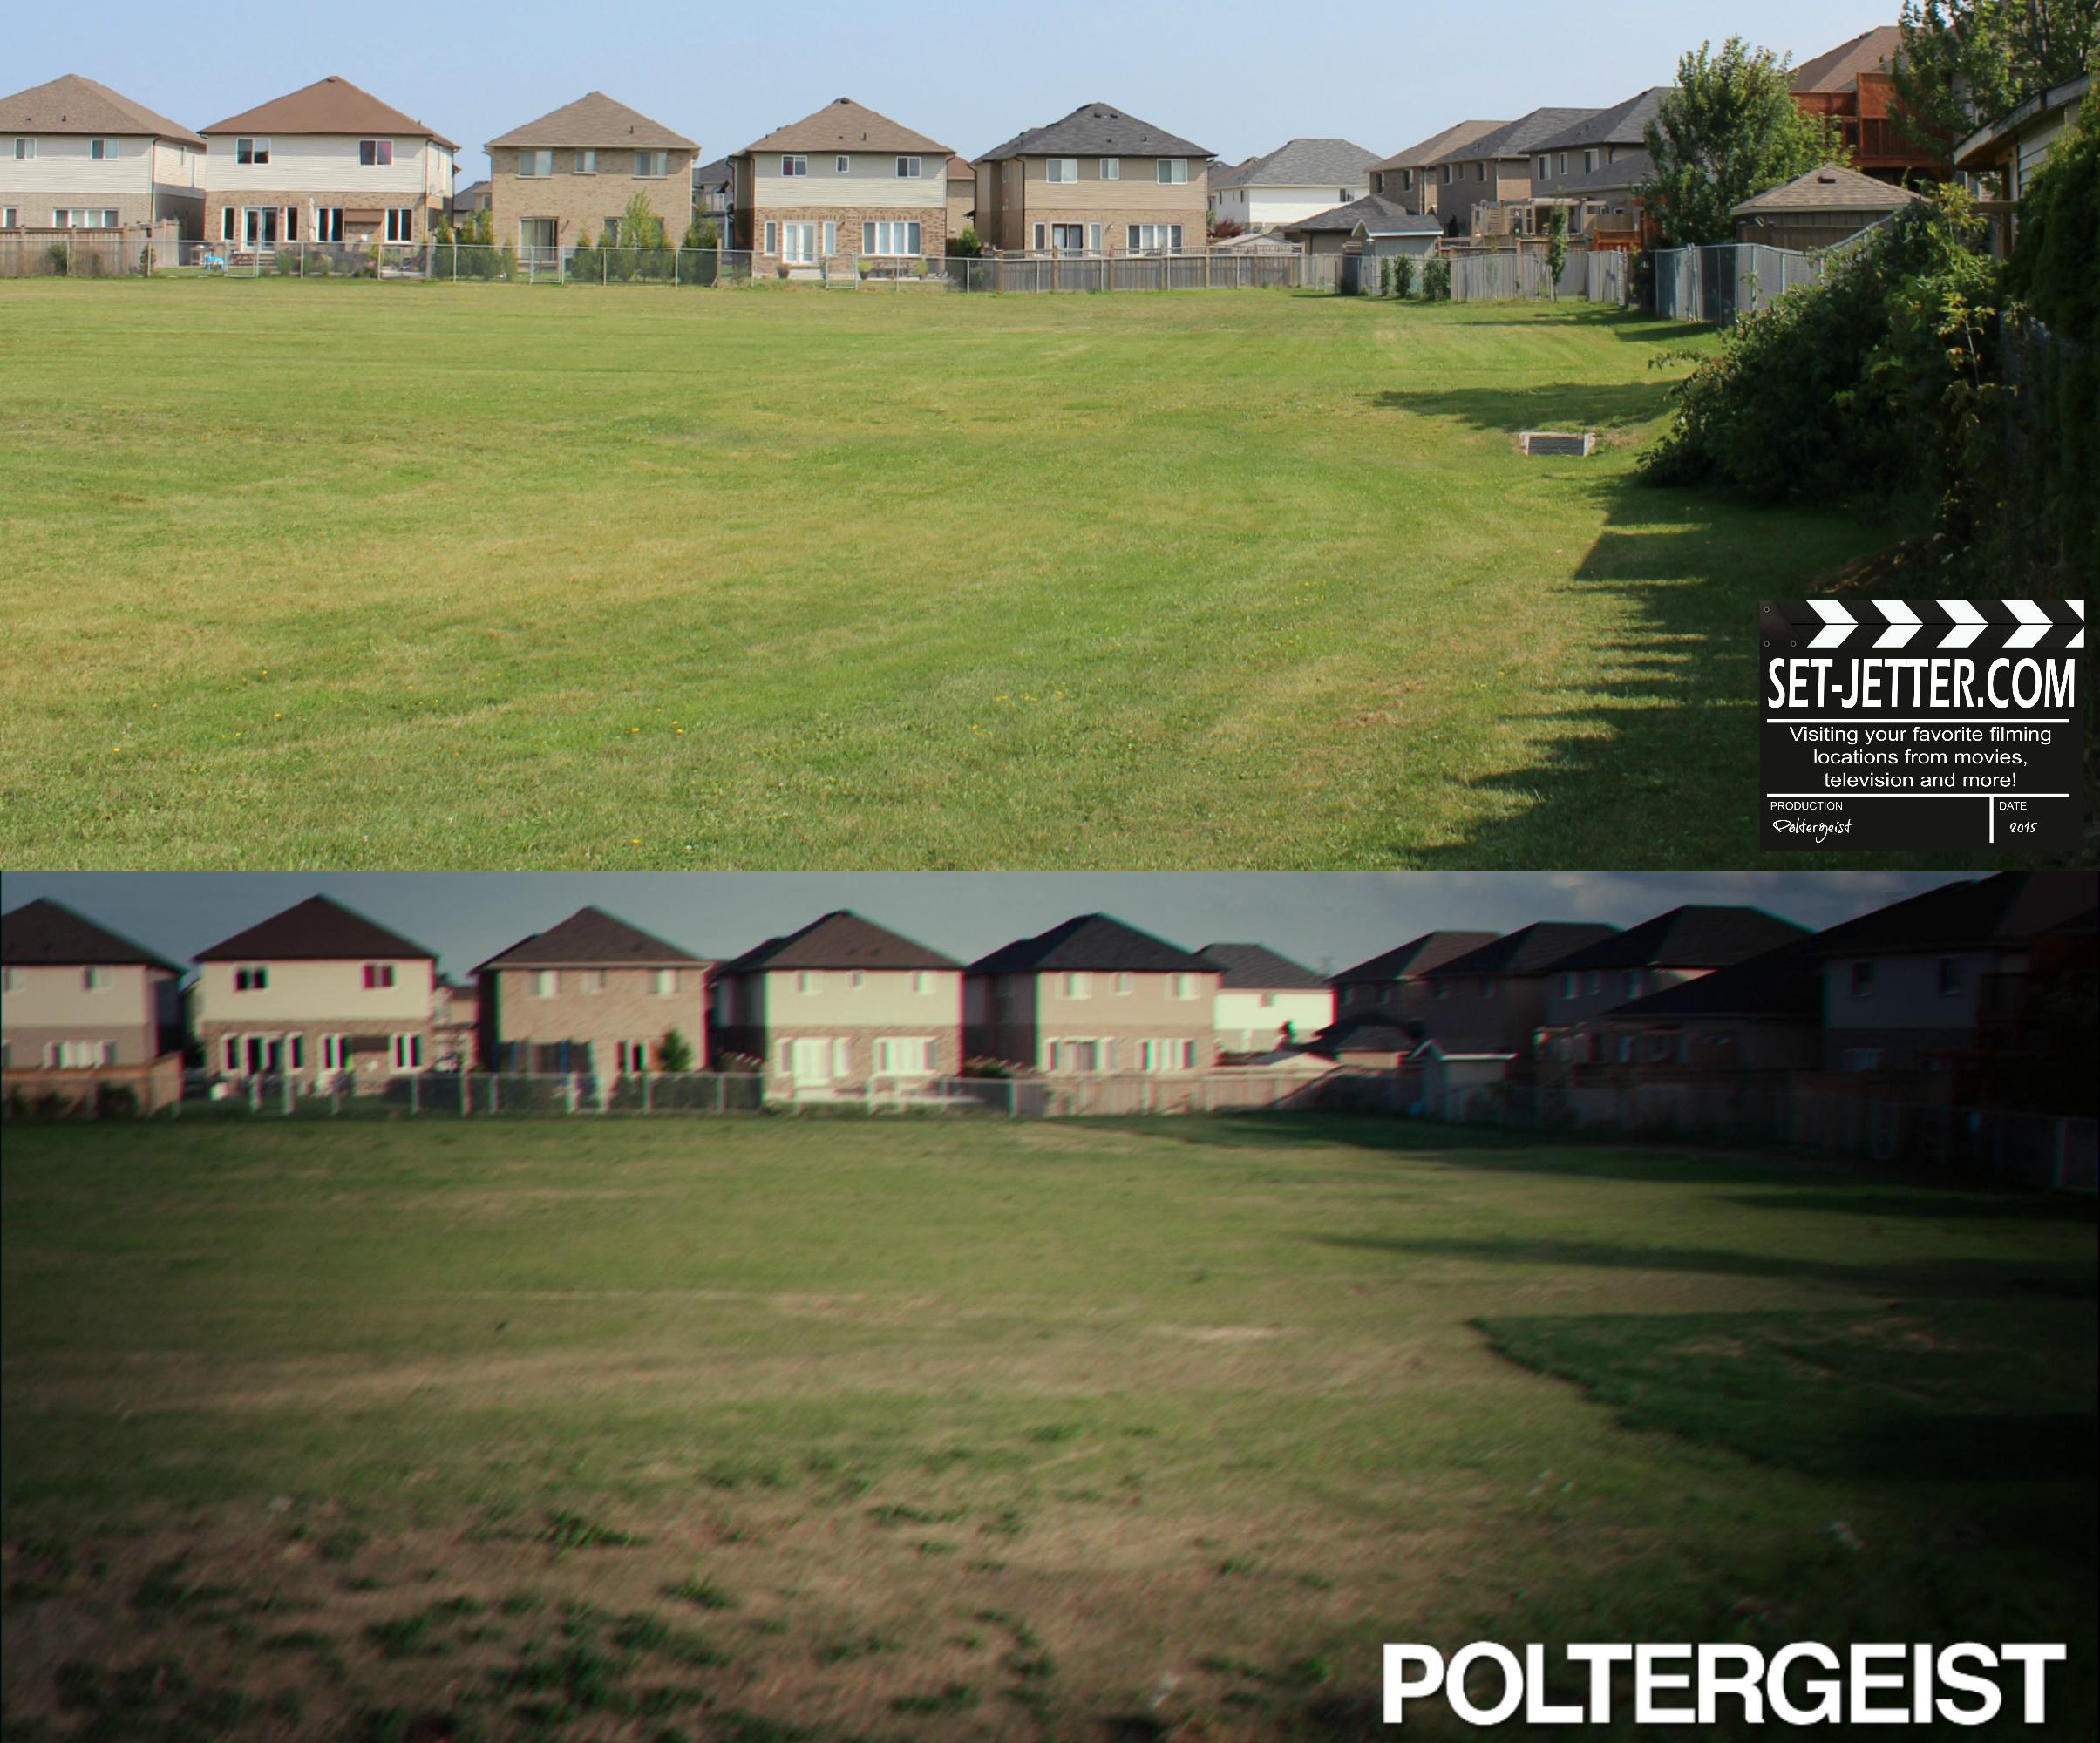 Poltergeist comparison 87.jpg